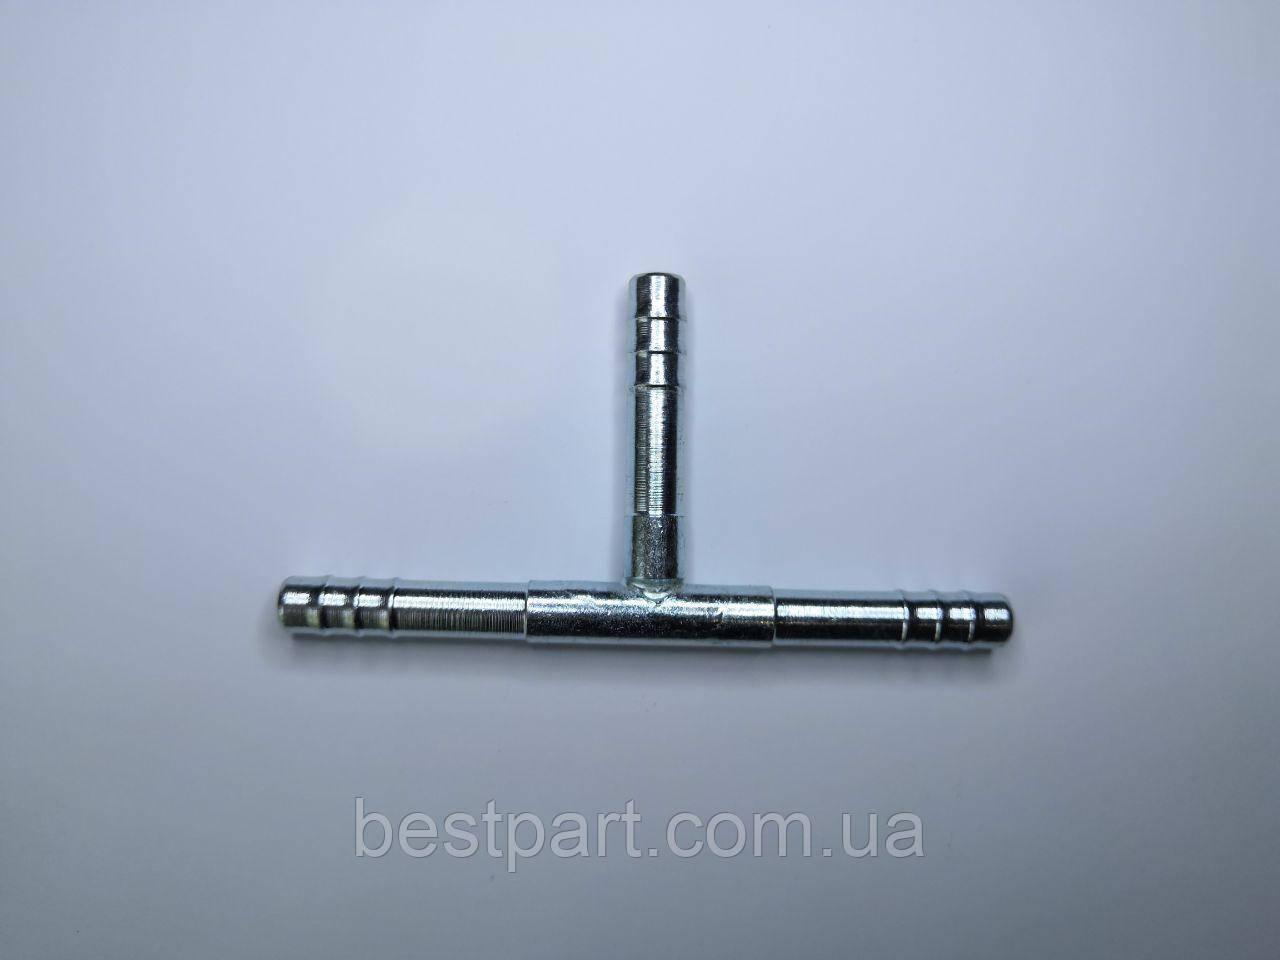 Фітінг №6, з'єднувальний трійник, сталь